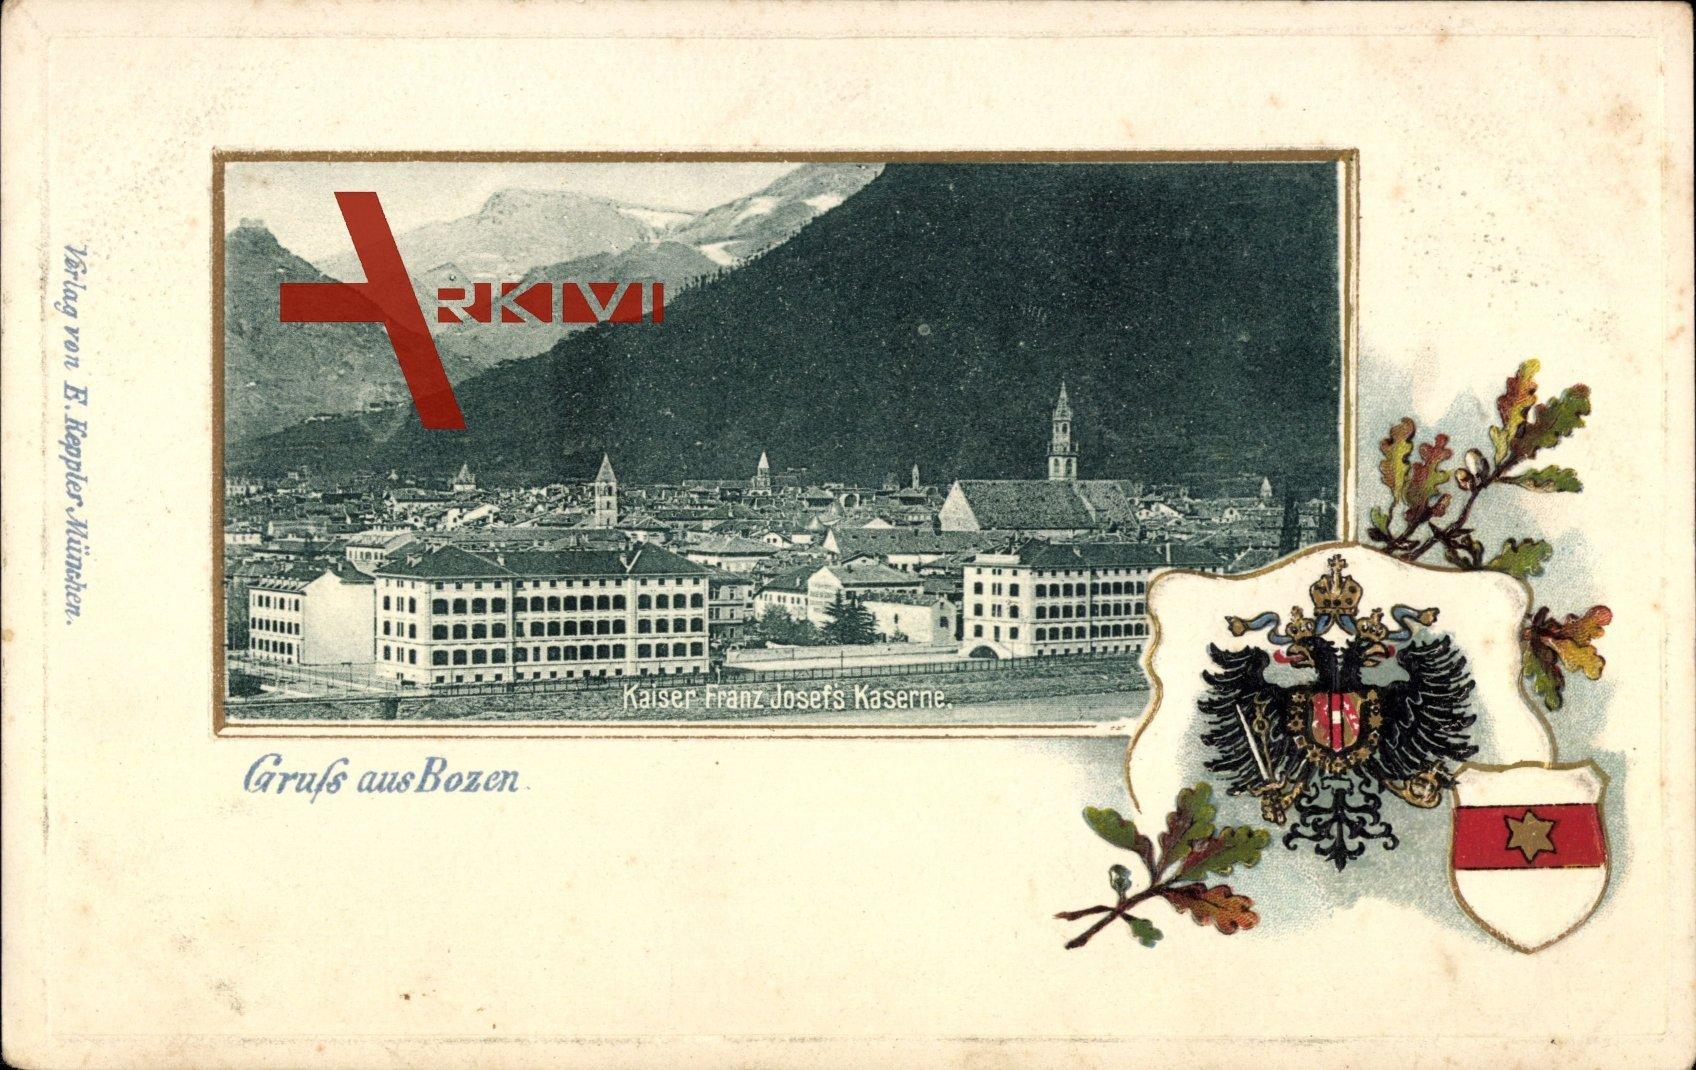 Passepartout Wappen Bozen, Kaiser Franz Josefs Kaserne